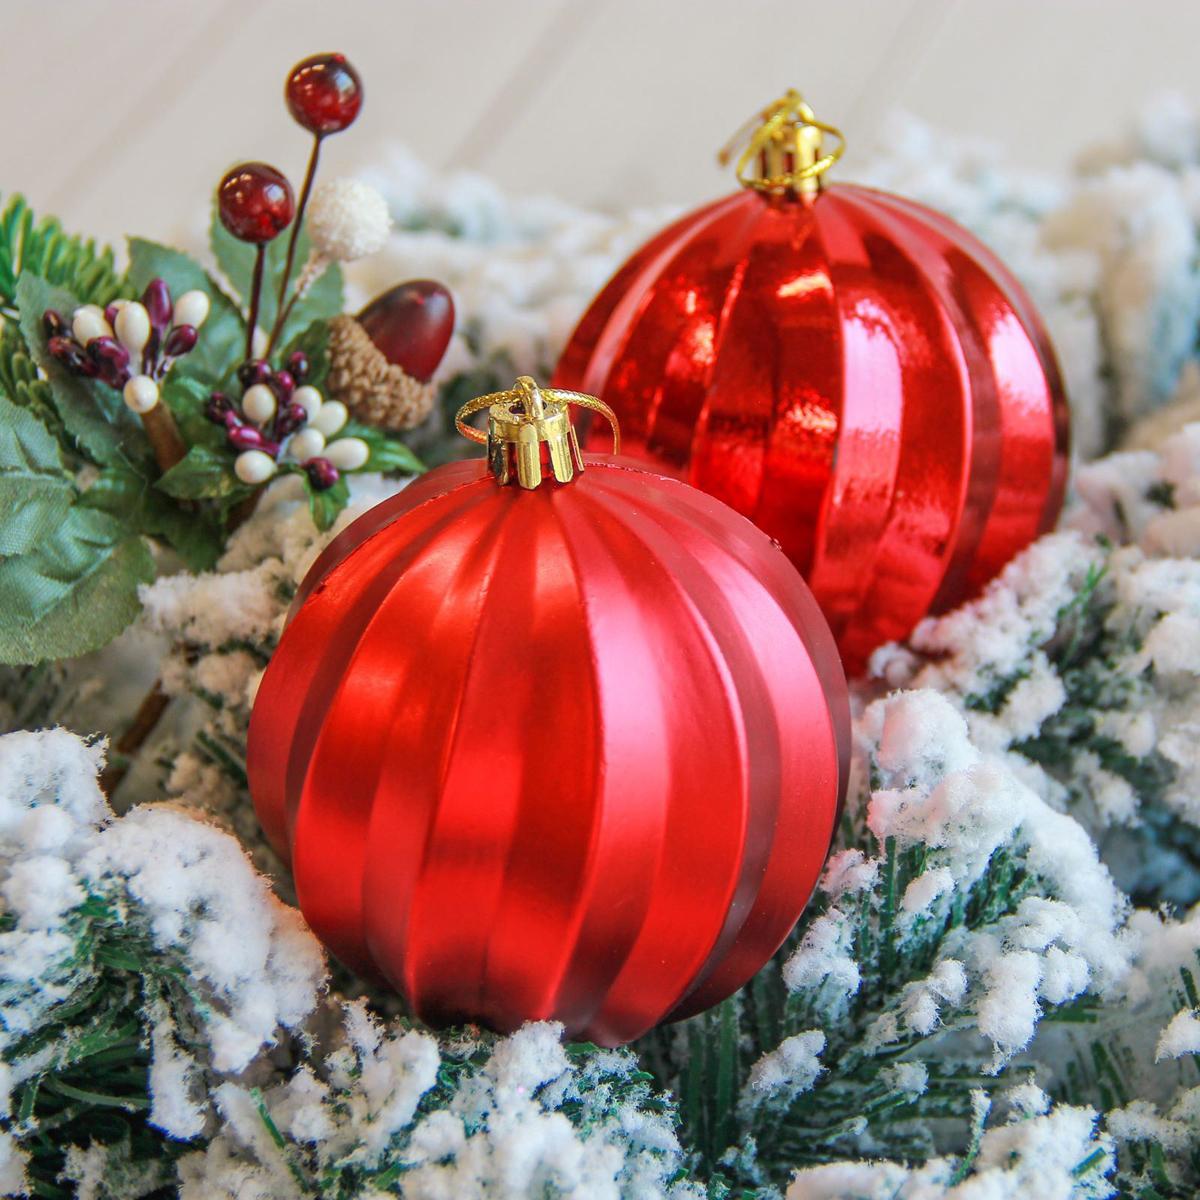 Набор новогодних подвесных украшений Sima-land Пралине, диаметр 8 см, 6 шт2122907Невозможно представить нашу жизнь без праздников! Мы всегда ждём их и предвкушаем, обдумываем, как проведём памятный день, тщательно выбираем подарки и аксессуары, ведь именно они создают и поддерживают торжественный настрой.